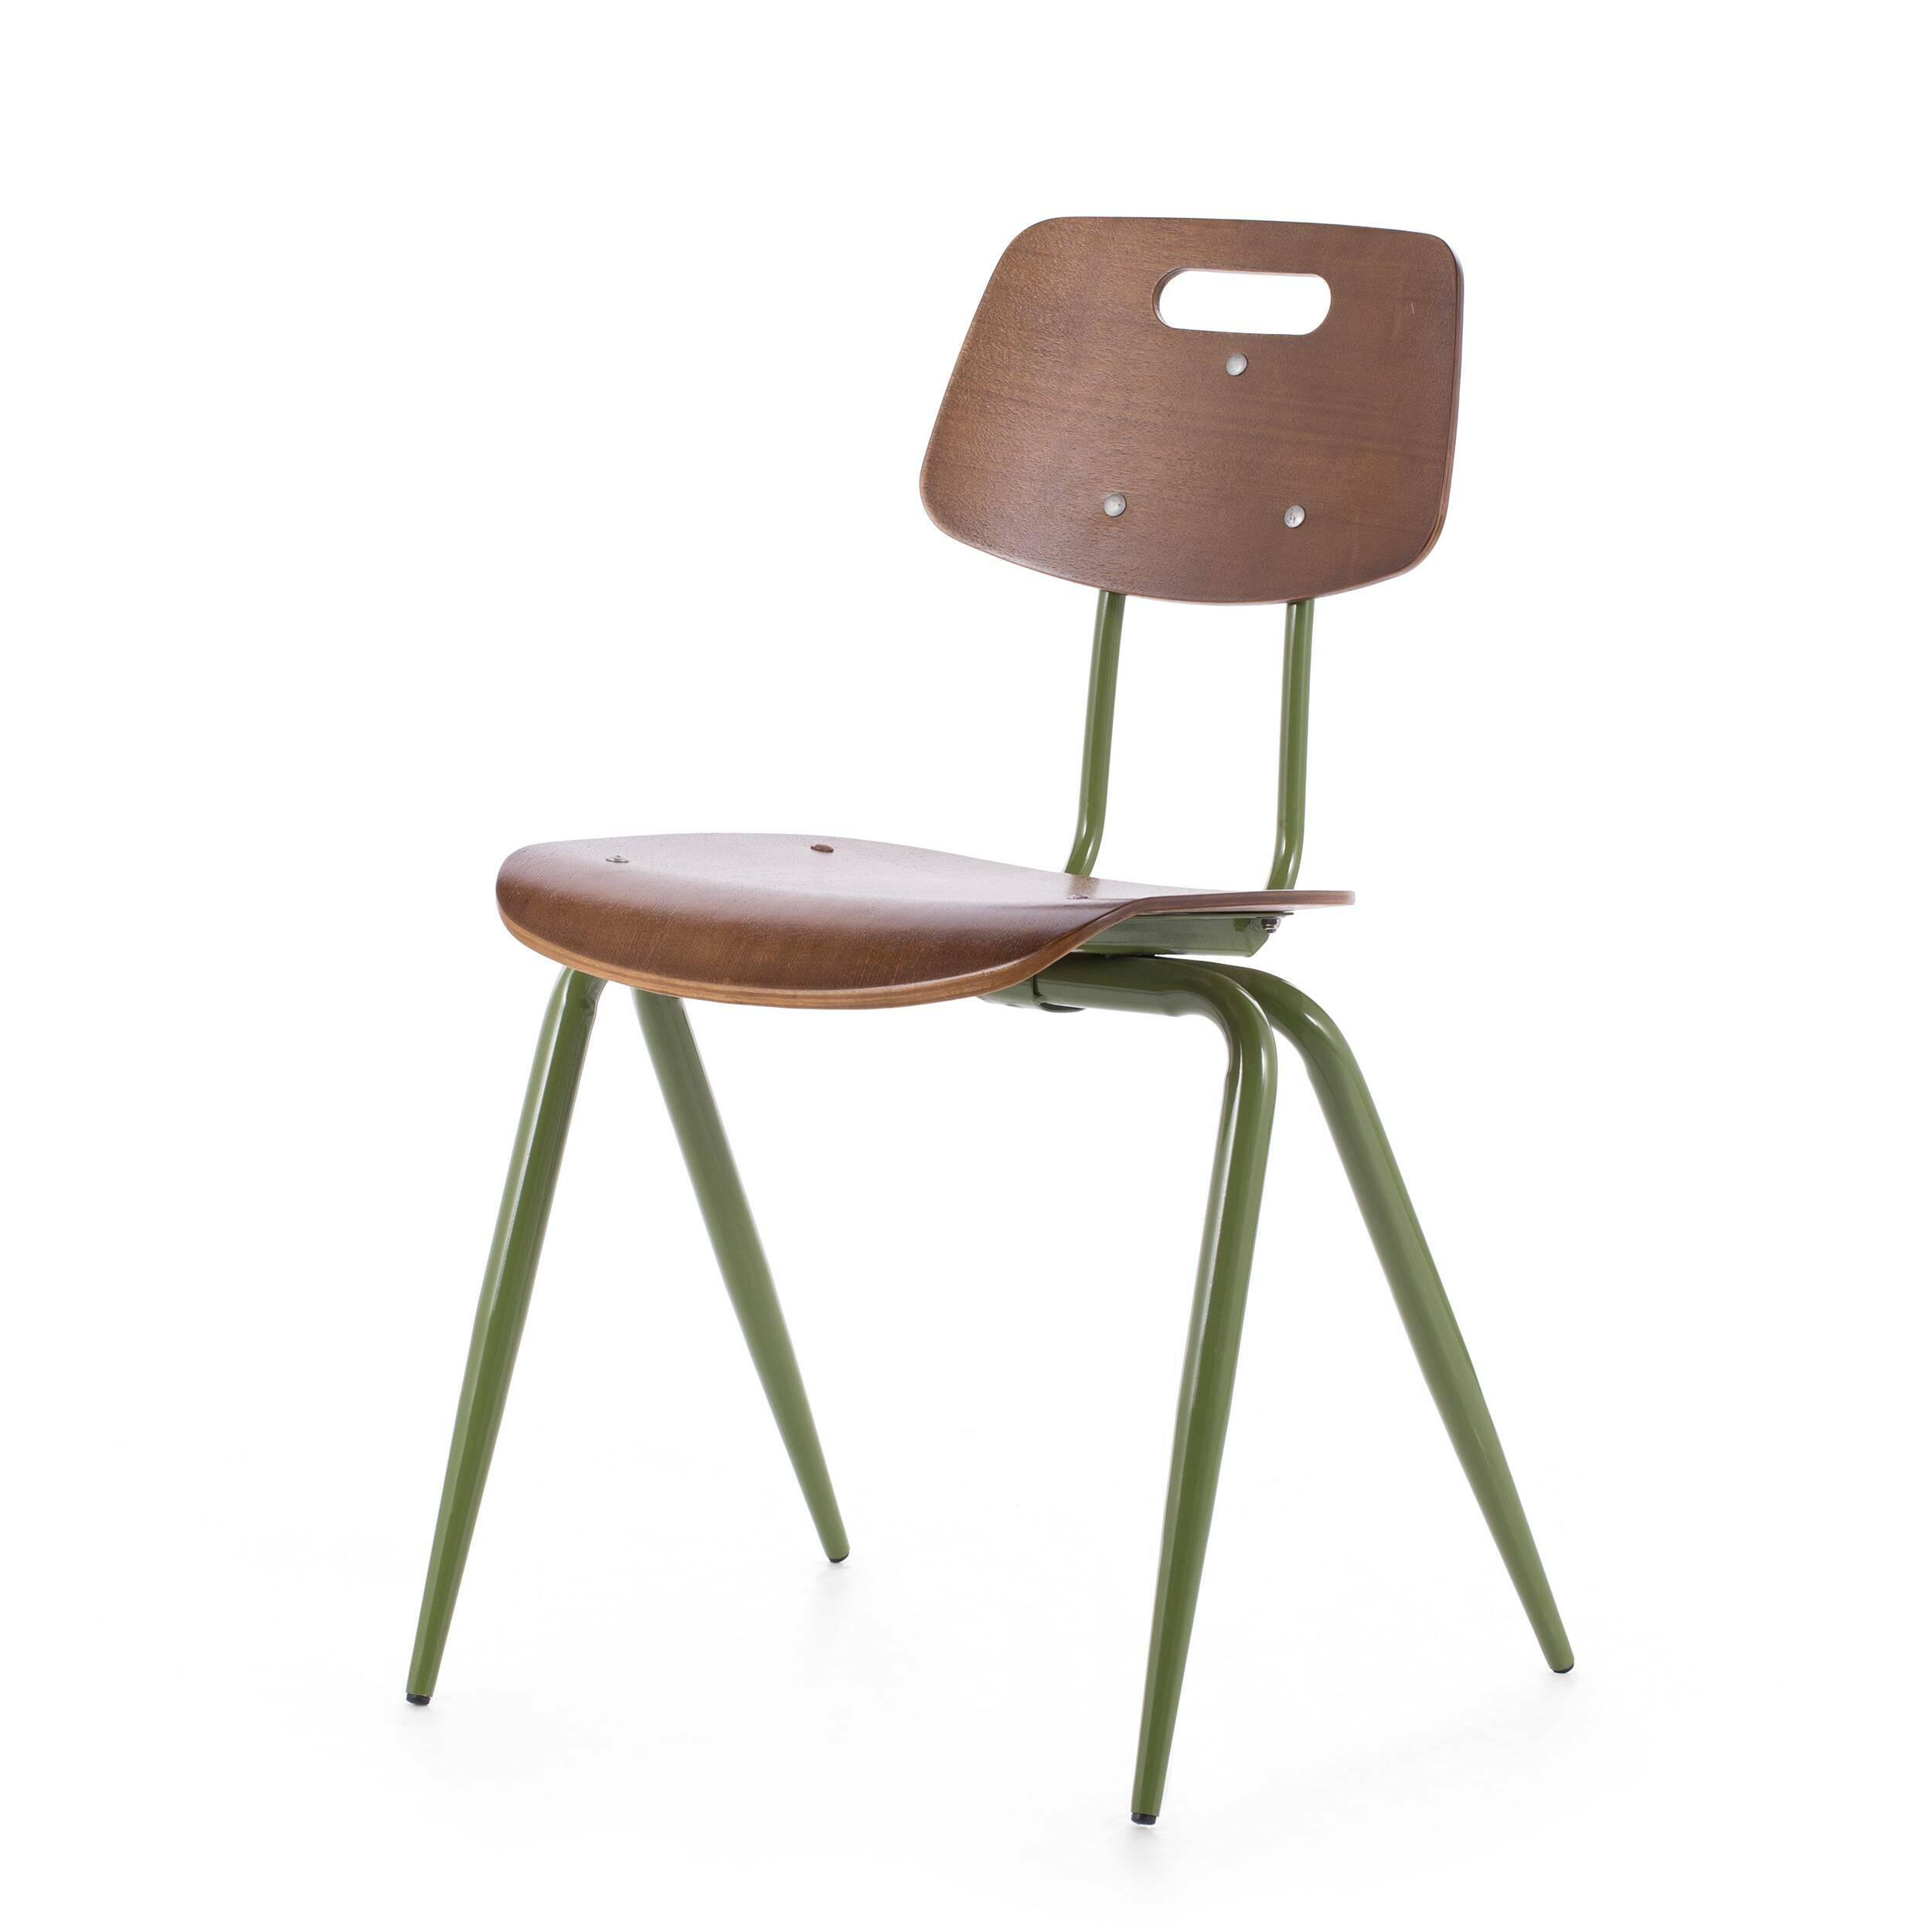 Стул WireИнтерьерные<br>Стул Wire — это вариация на тему классических ученических стульев. Однако в его дизайне присутствуют традиционные черты индустриального стиля. Форма изделия, а также цвет ножек являются прямой к тому отсылкой. <br> <br> Стул можно использовать как в учебных аудиториях, так и в интерьере баров в стиле лофт — надежная конструкция с прочным сиденьем непременно выдержит нагрузку большого потока посетителей.<br><br>stock: 0<br>Высота: 81<br>Высота сиденья: 45<br>Ширина: 56<br>Глубина: 51<br>Тип материала каркаса: Сталь<br>Материал сидения: Фанера, шпон ореха<br>Цвет сидения: Орех<br>Тип материала сидения: Дерево<br>Цвет каркаса: Зеленый